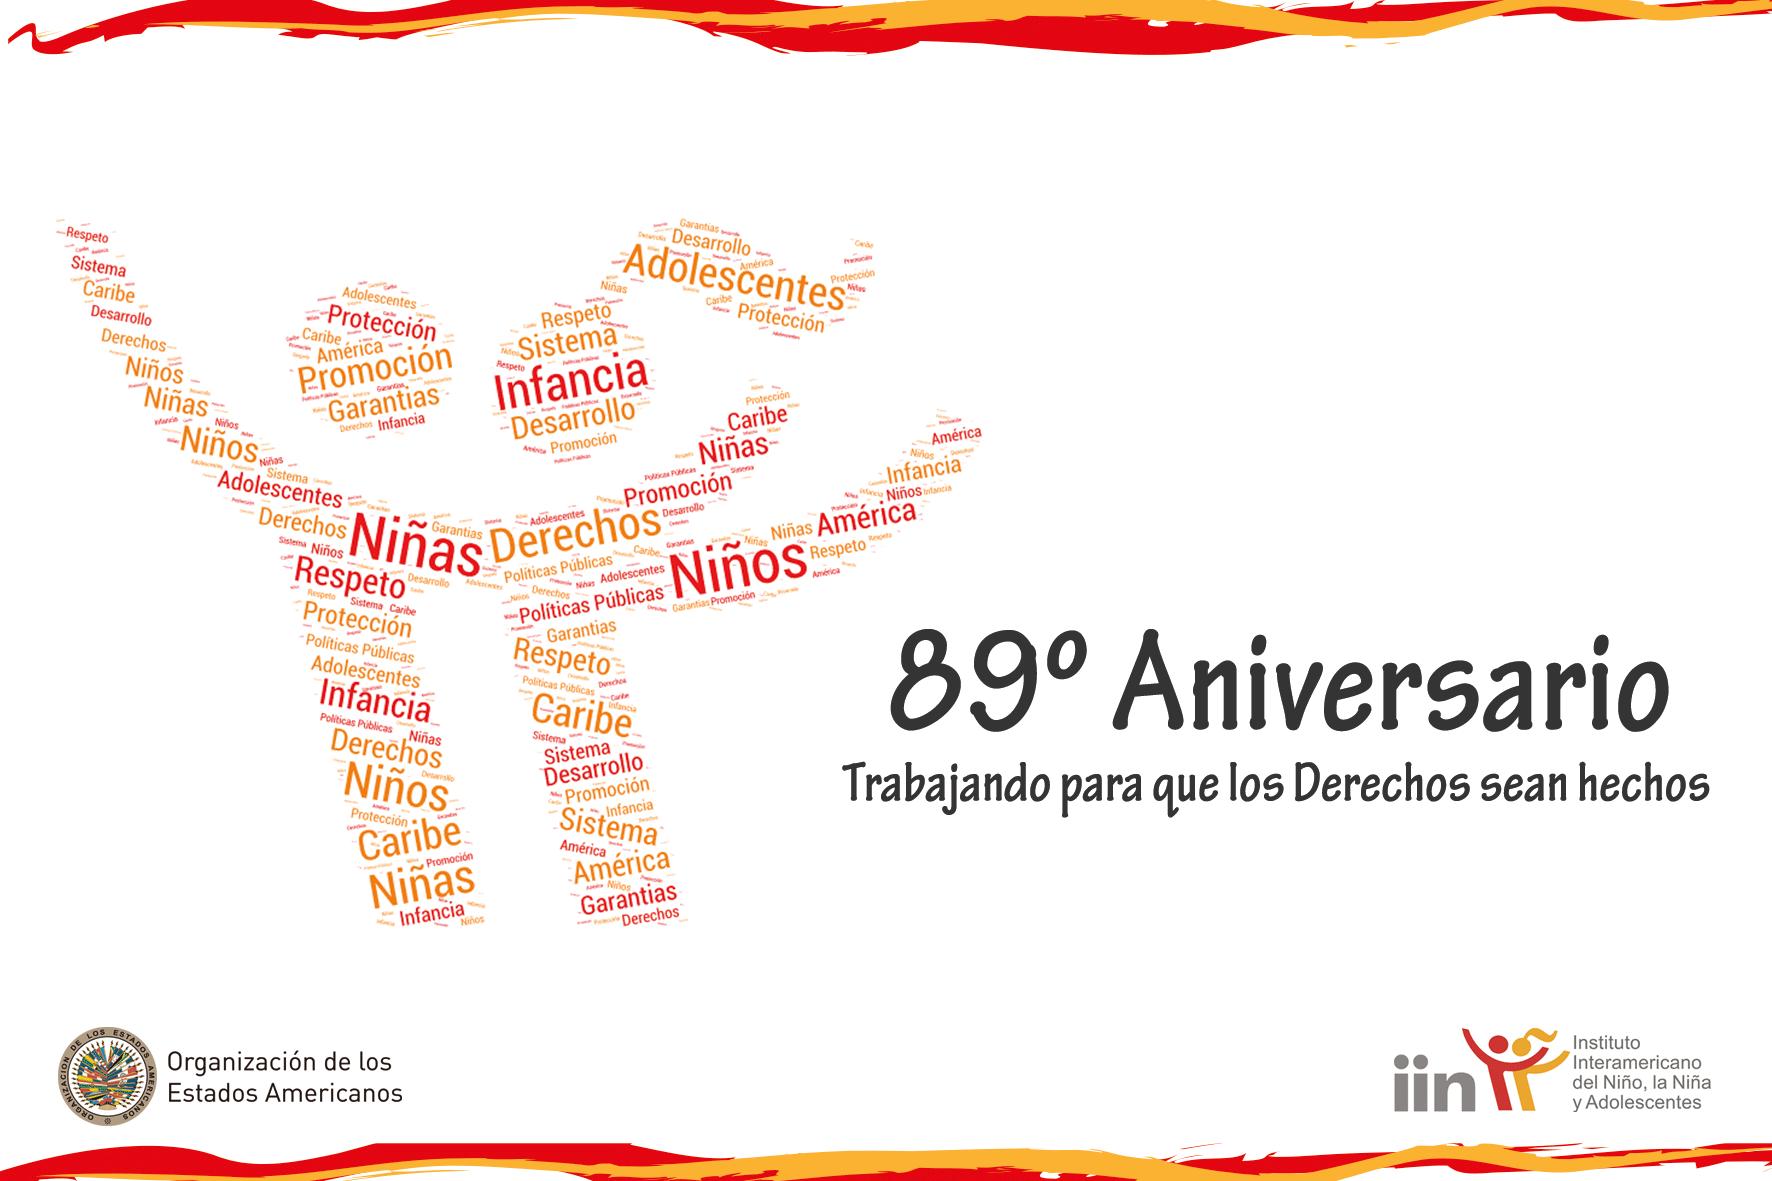 89 Aniversario del IIN (1927-2016)